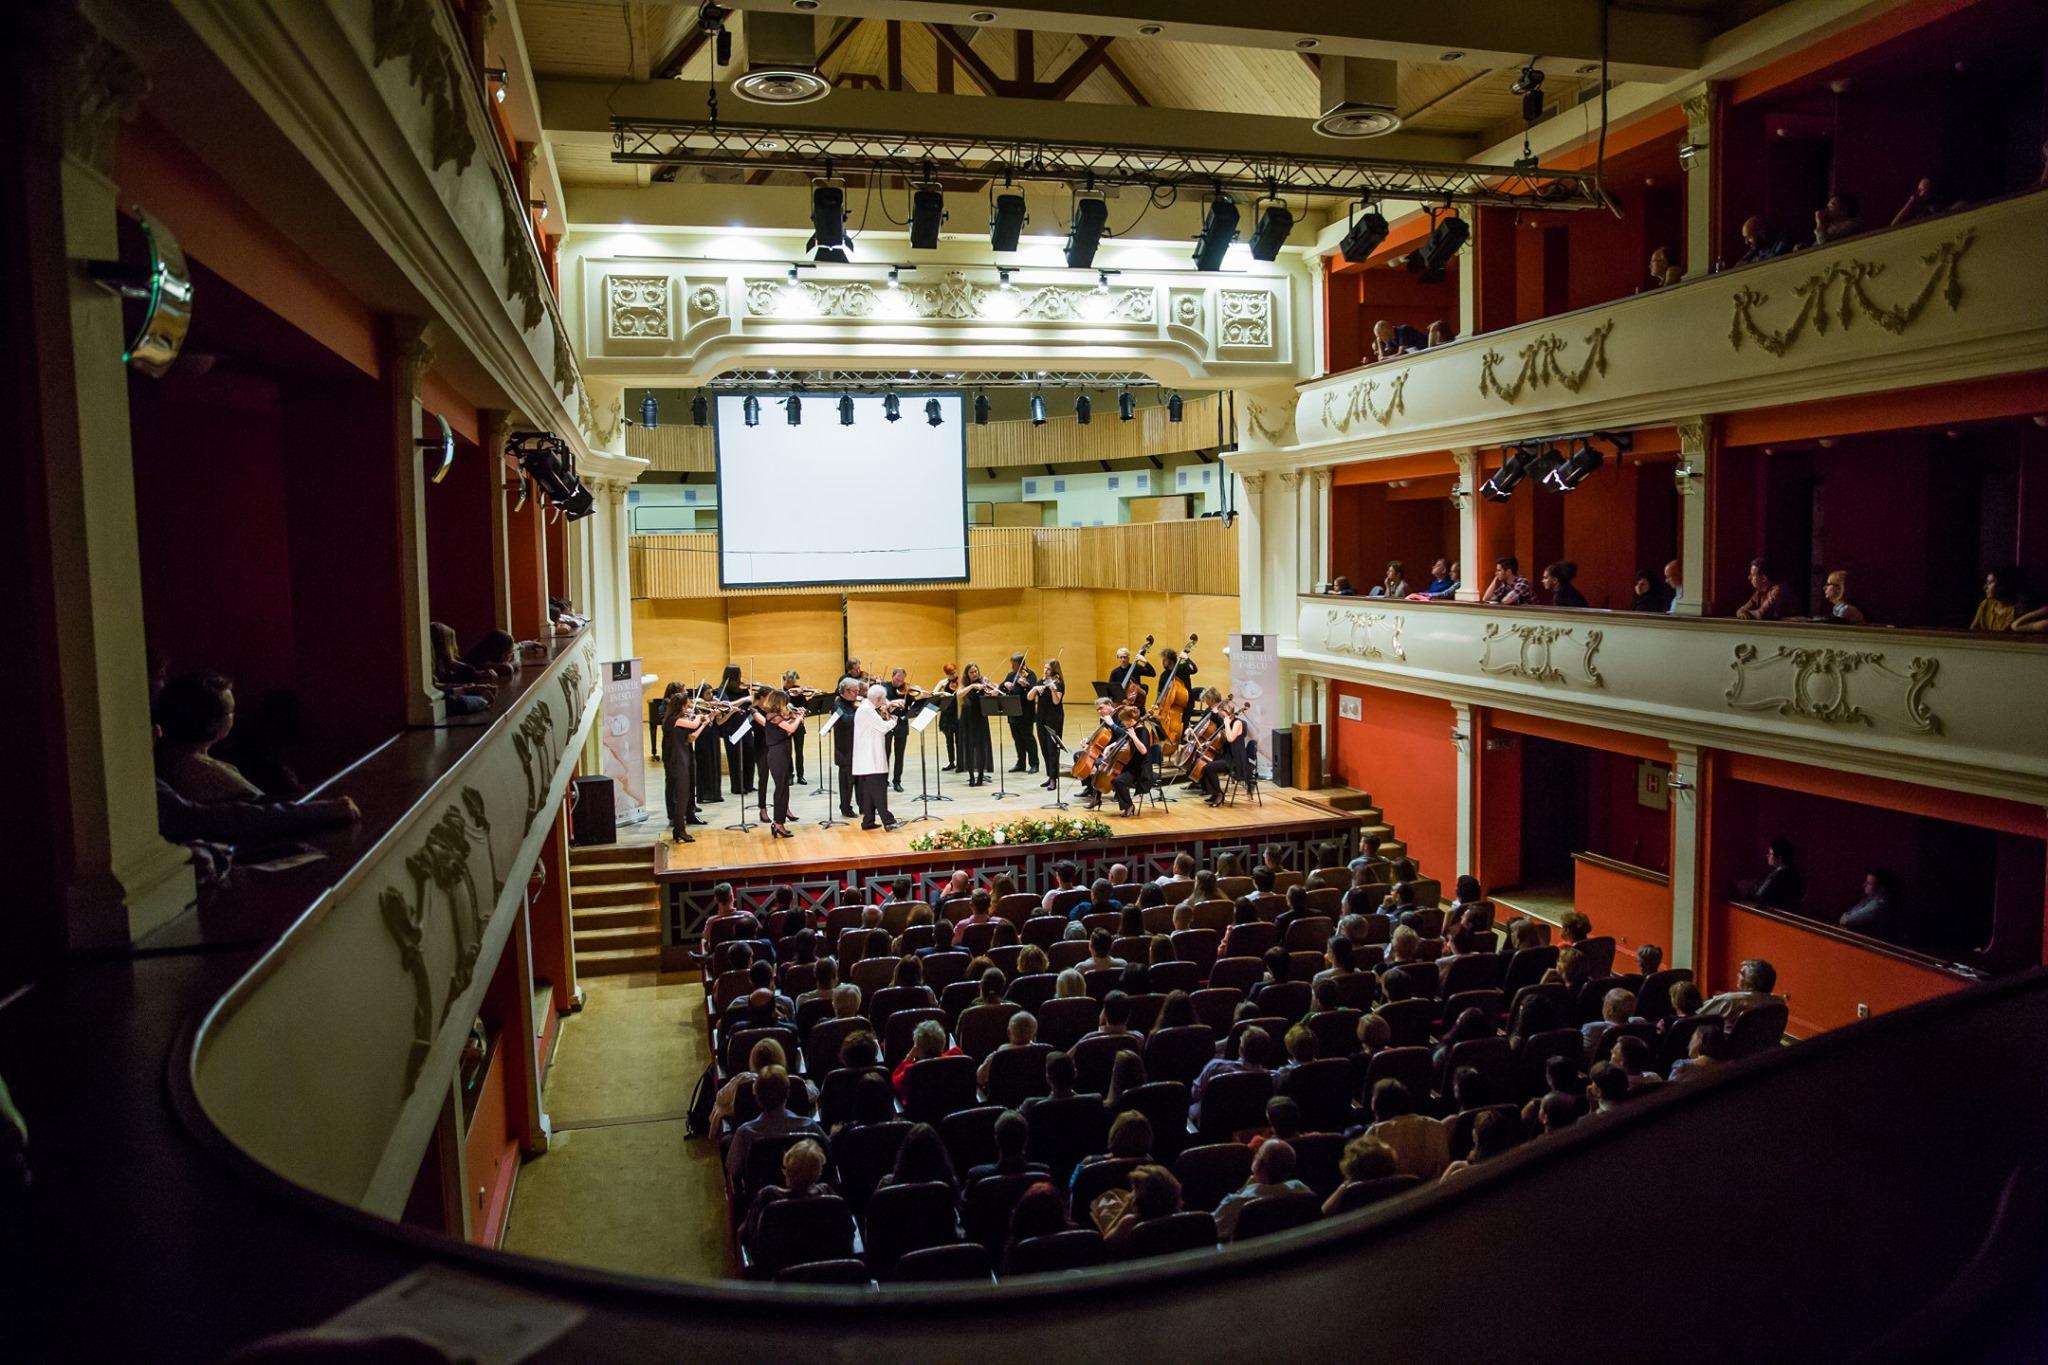 Victoria Vassilenko și Gyehee Kim, câștigătoare ale Concursului Internațional George Enescu, deschid astăzi seria de recitaluri excepționale de la Sibiu. Evenimentul poate fi urmărit online